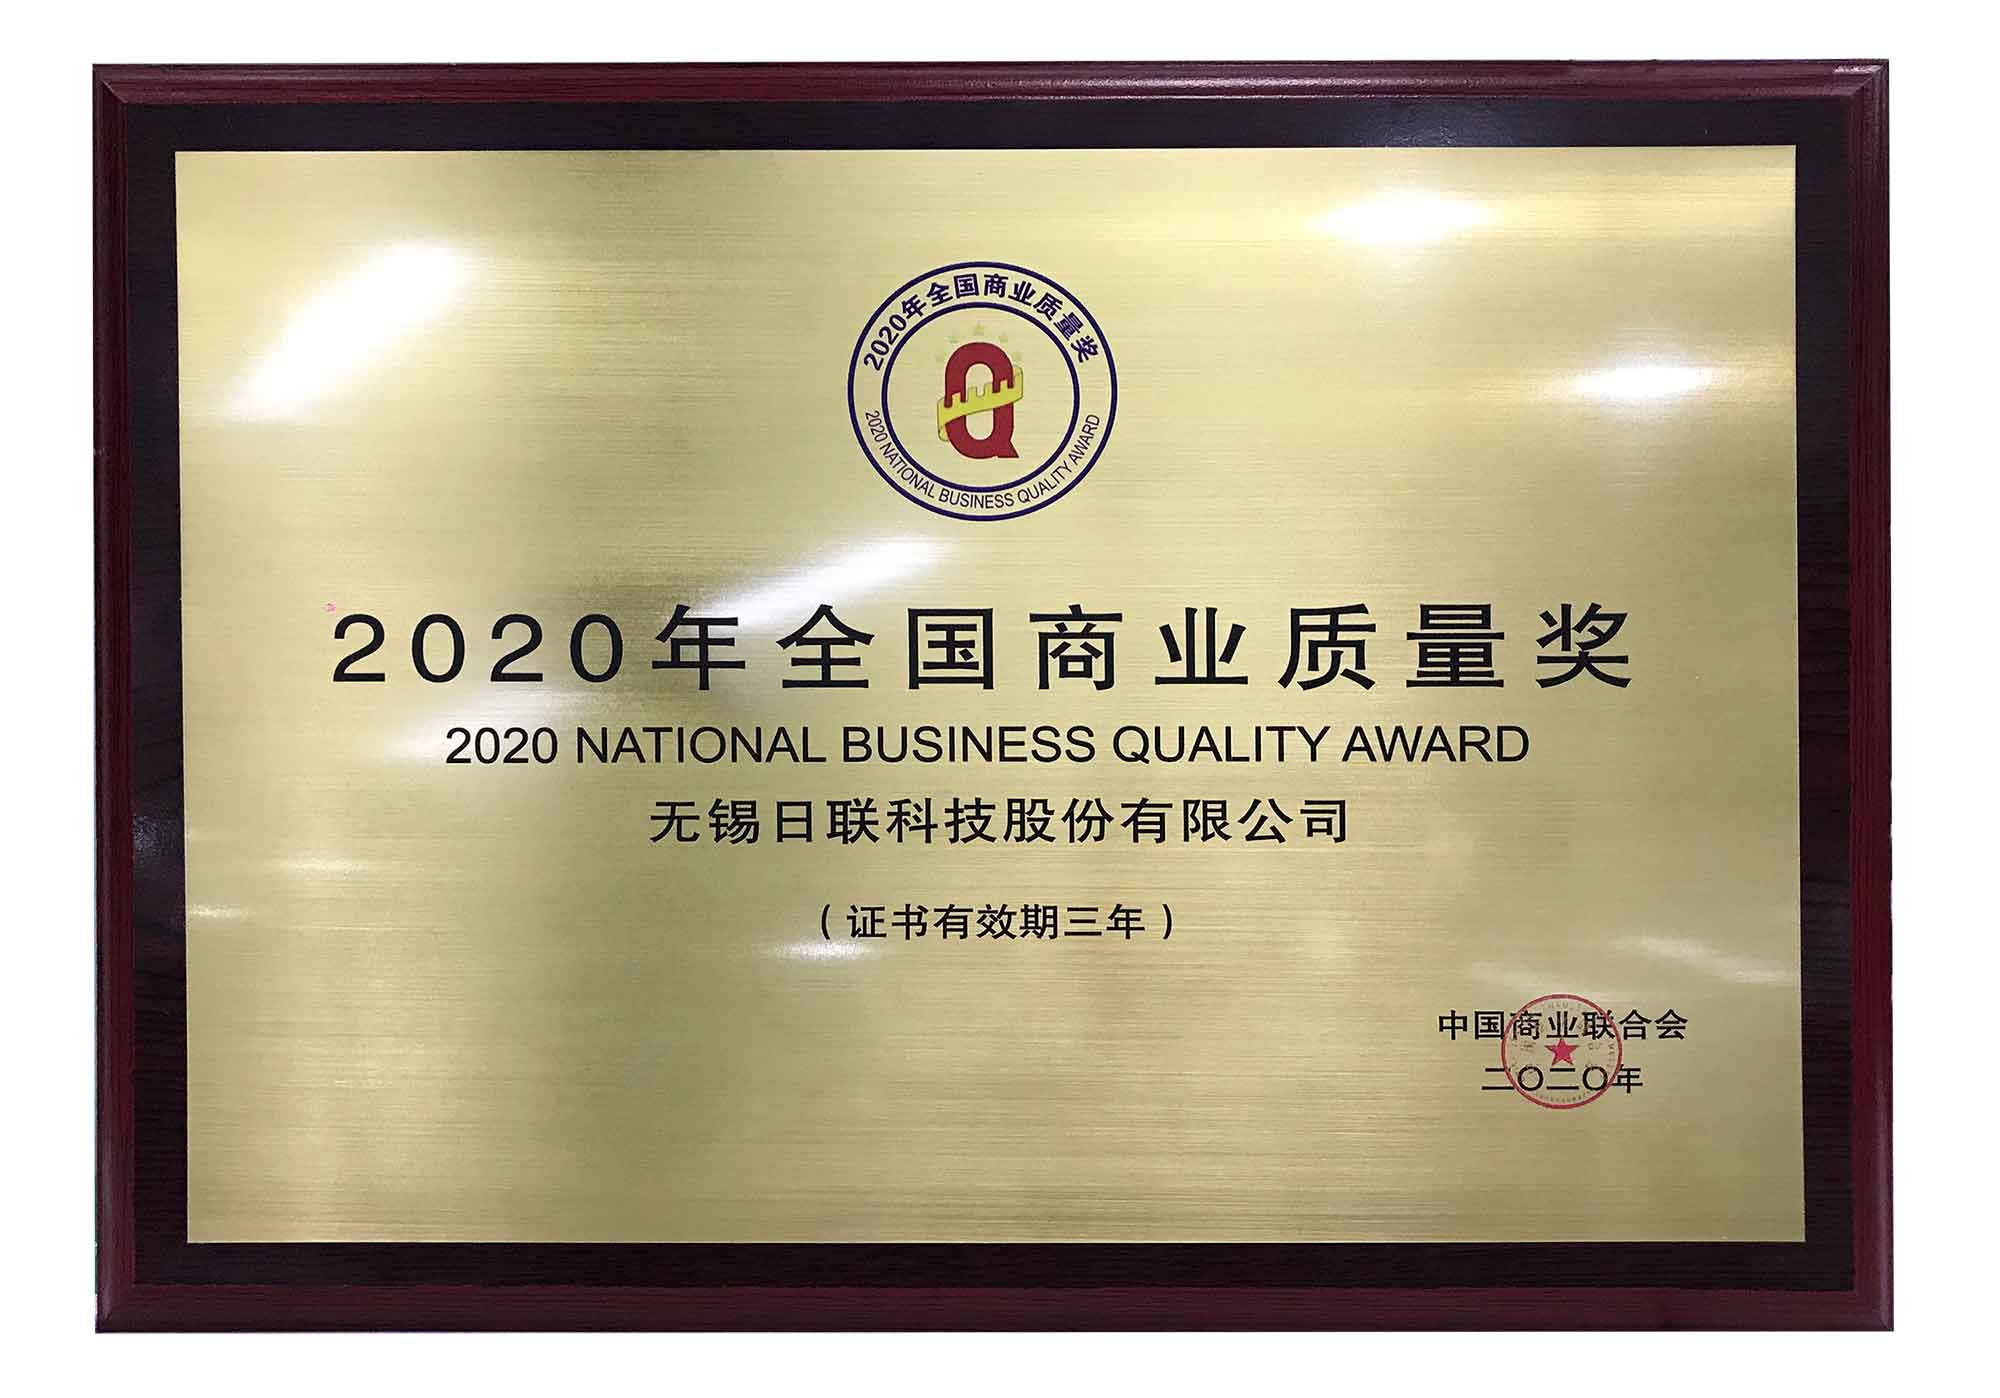 2020年全国商业质量奖